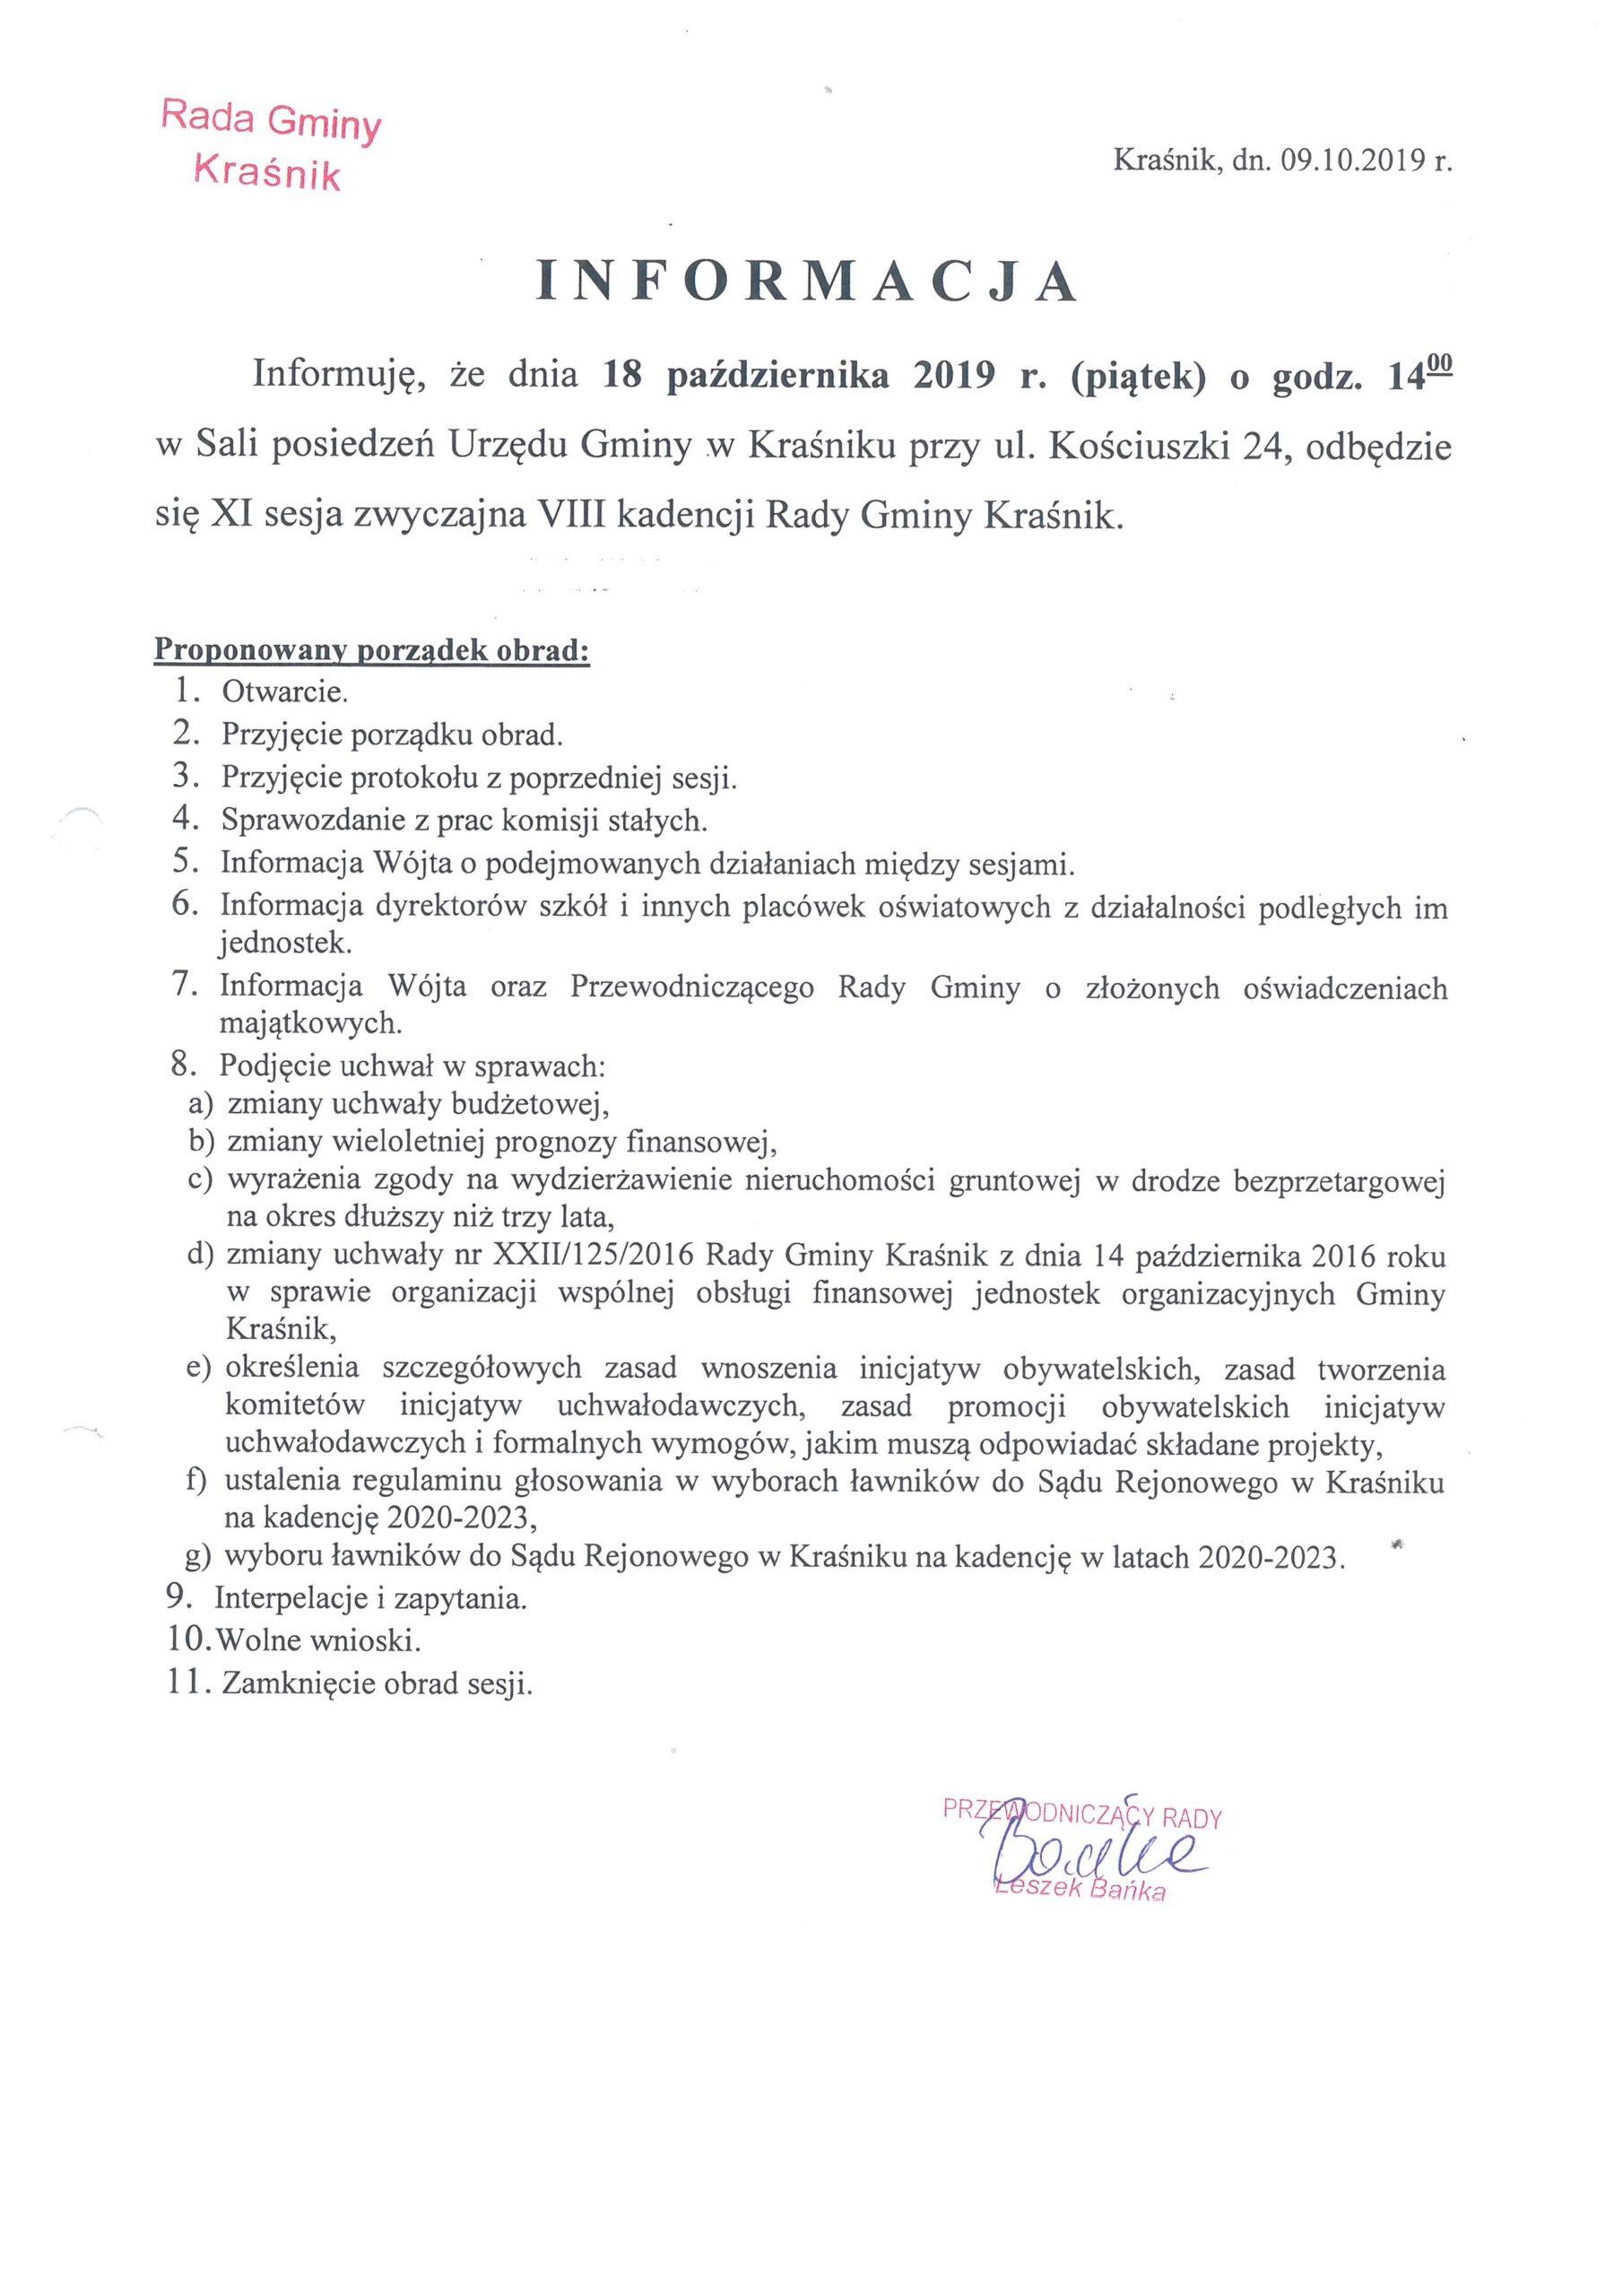 Informacja o XI sesji Rady Gminy Kraśnik scaled